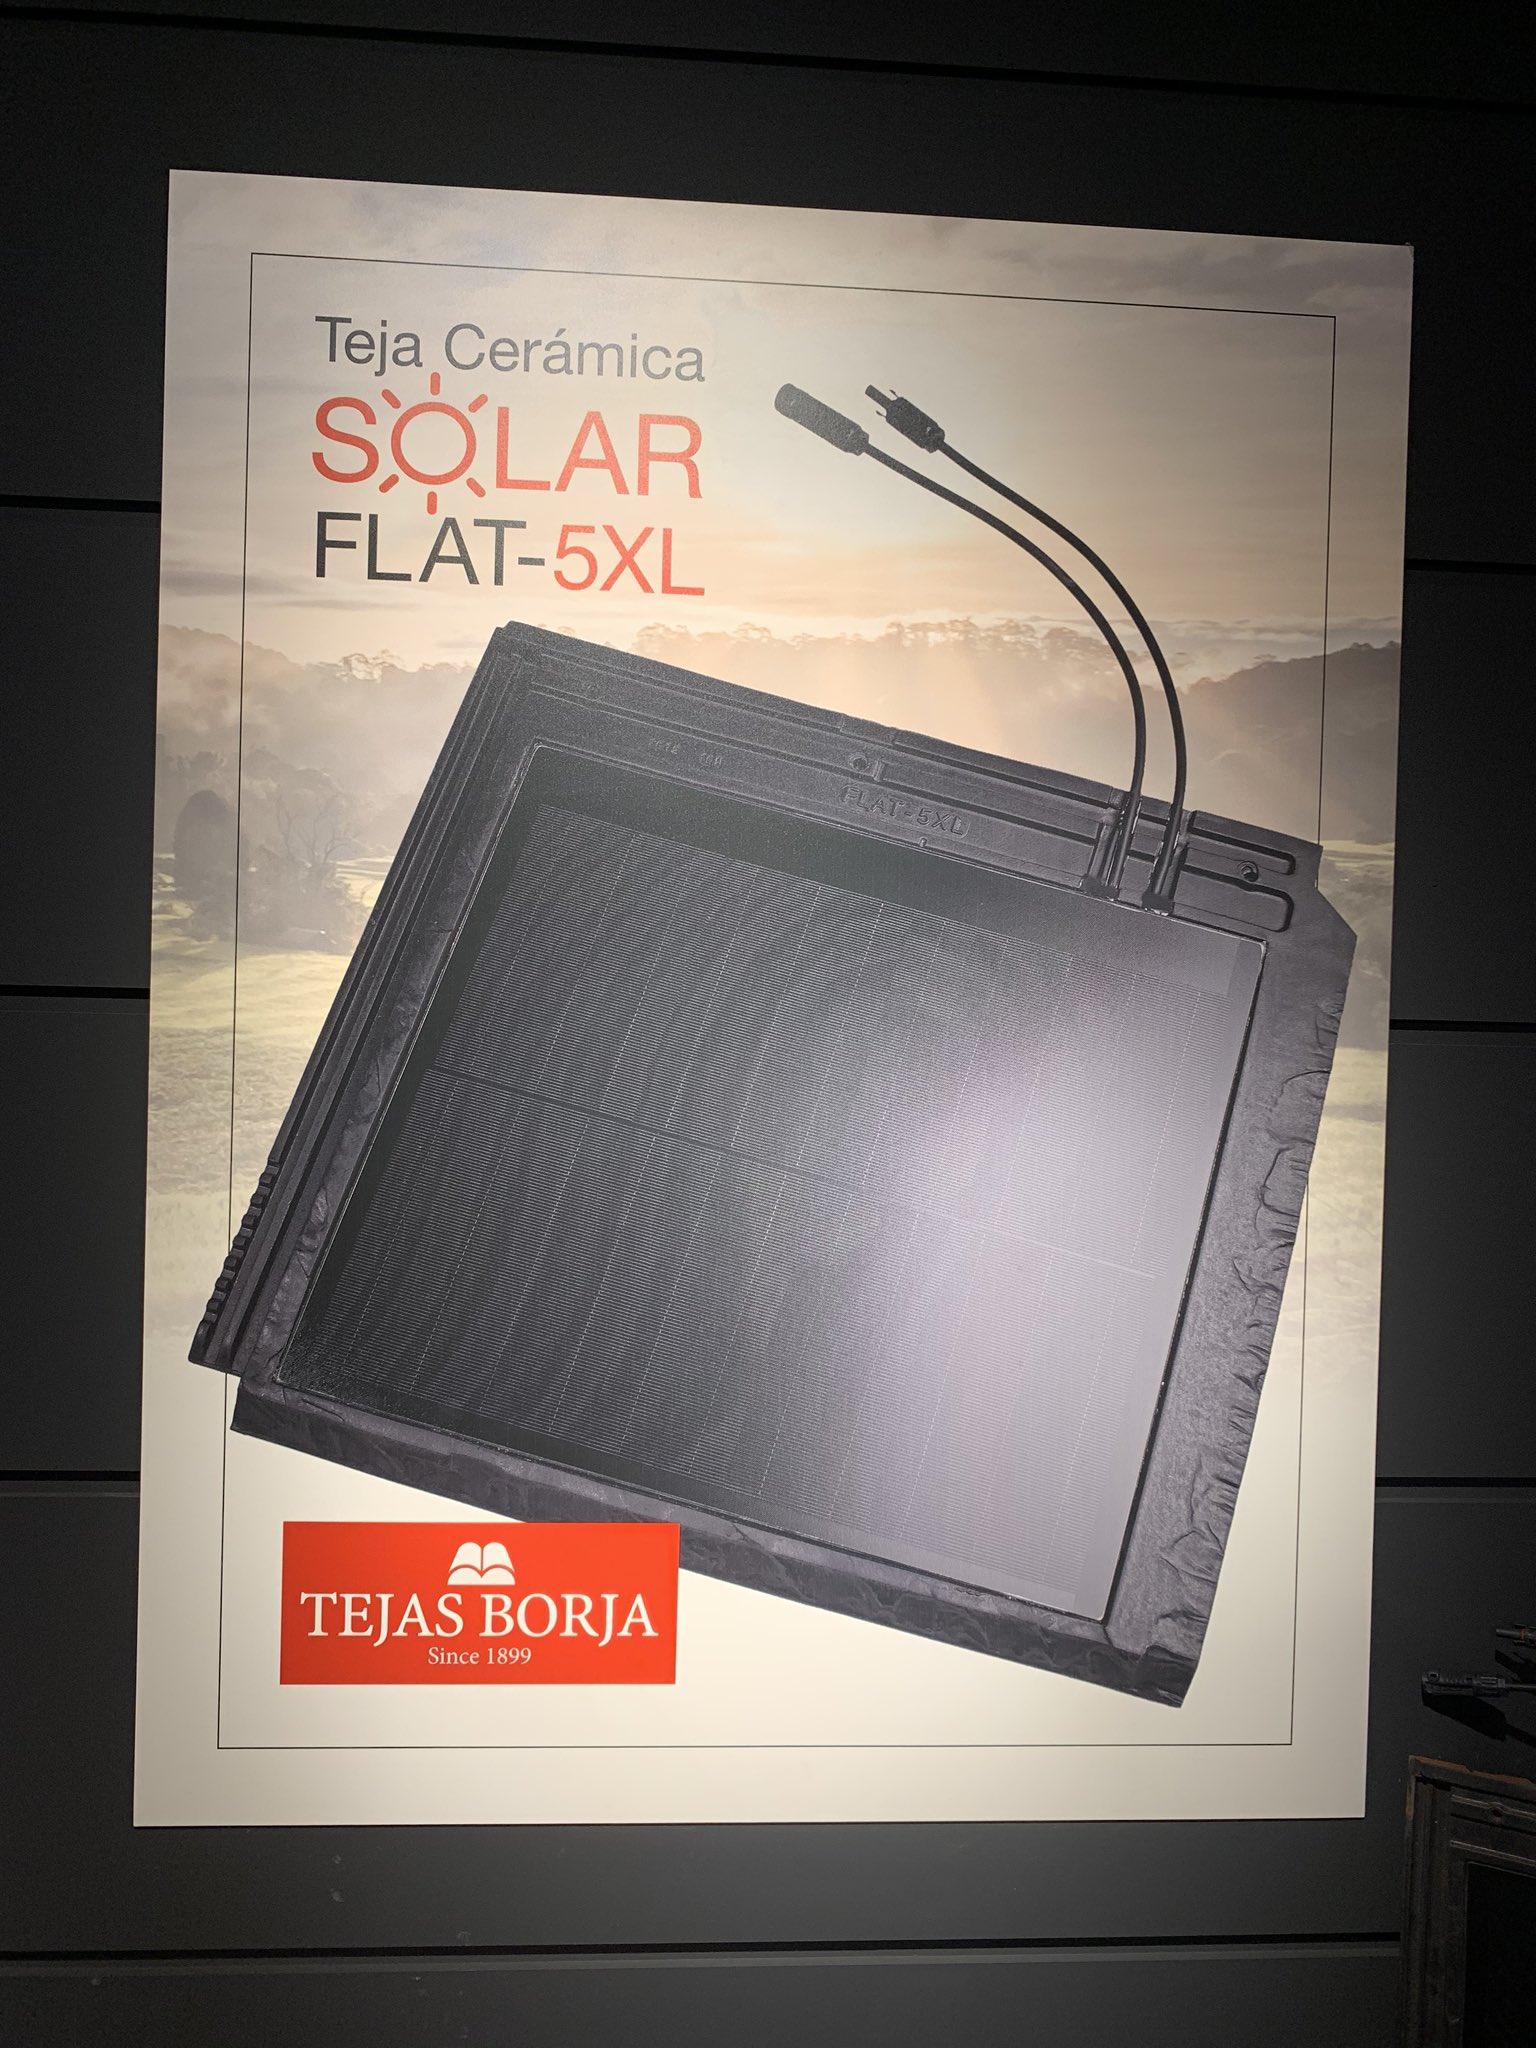 En la presentación de la primera teja solar española. Tu tejado generará la electricidad que tu casa necesite. Pronto en Todoconstruccion. Algún día todas las casas serán verdes @TejasBorja #Ecología #construccion #sostenibilidad https://t.co/mkYNNQV6m5